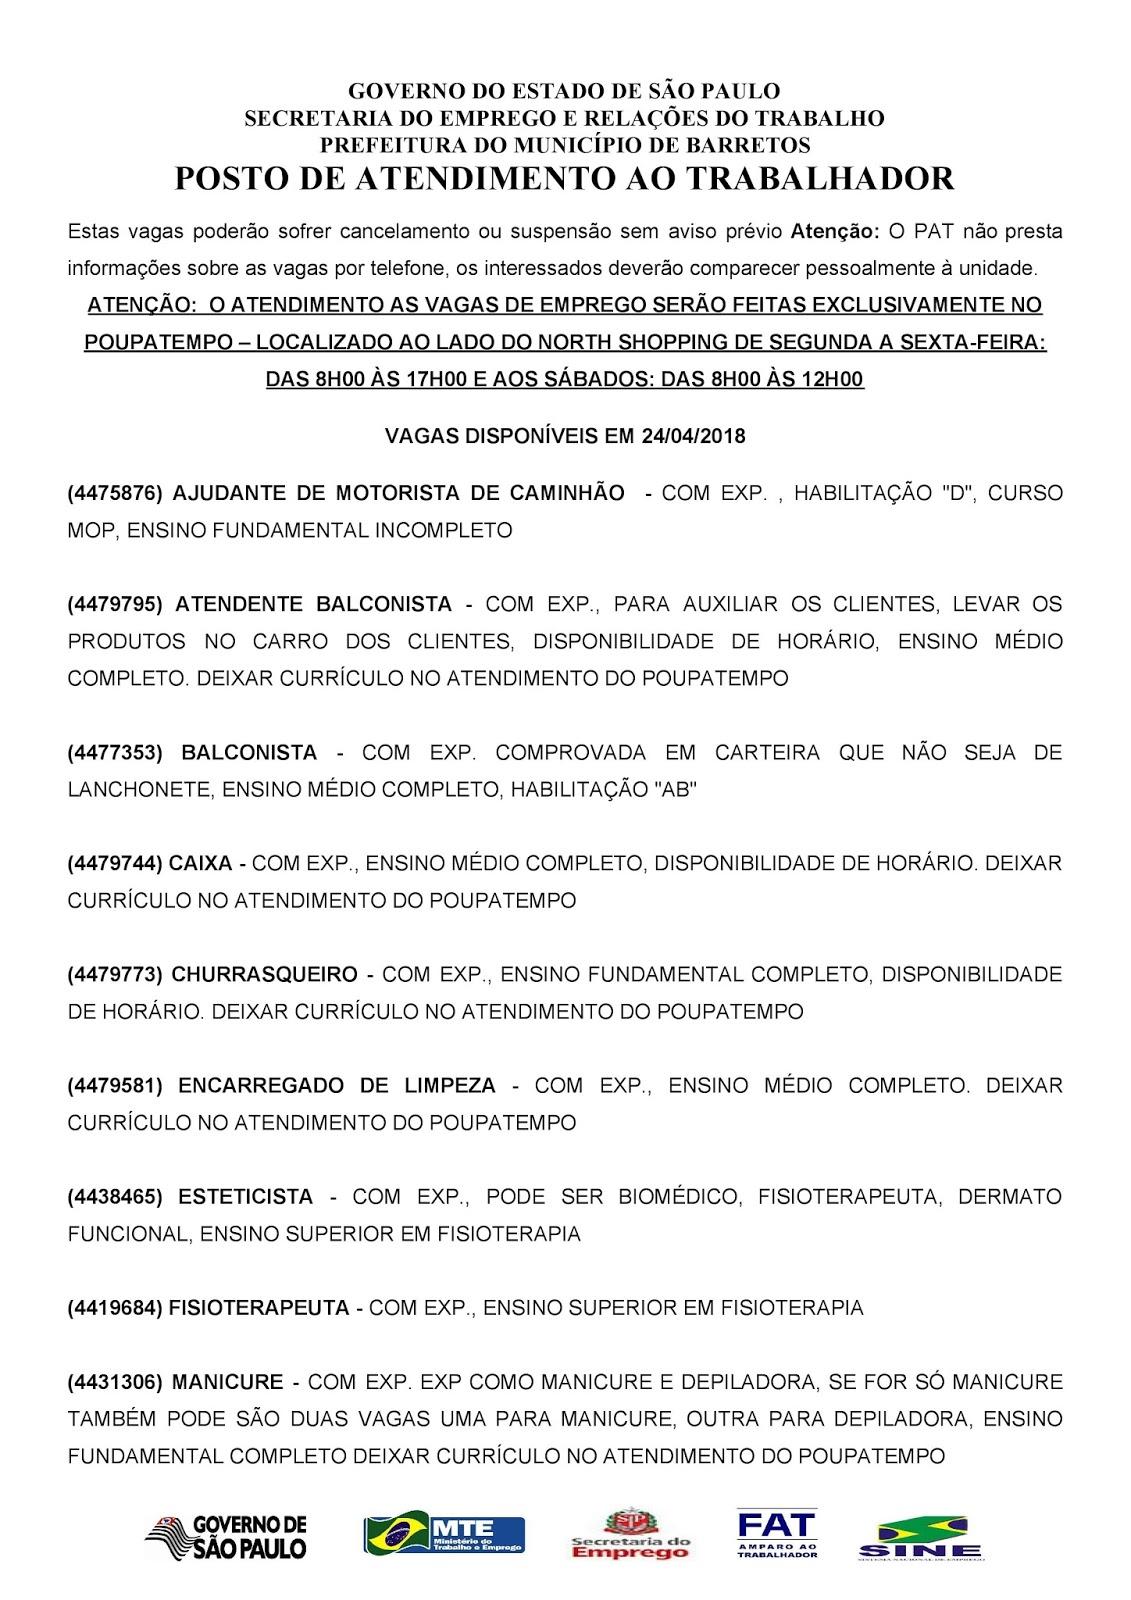 VAGAS DE EMPREGO DO PAT BARRETOS-SP PARA 24/04/2018 TERÇA-FEIRA - Pag. 1